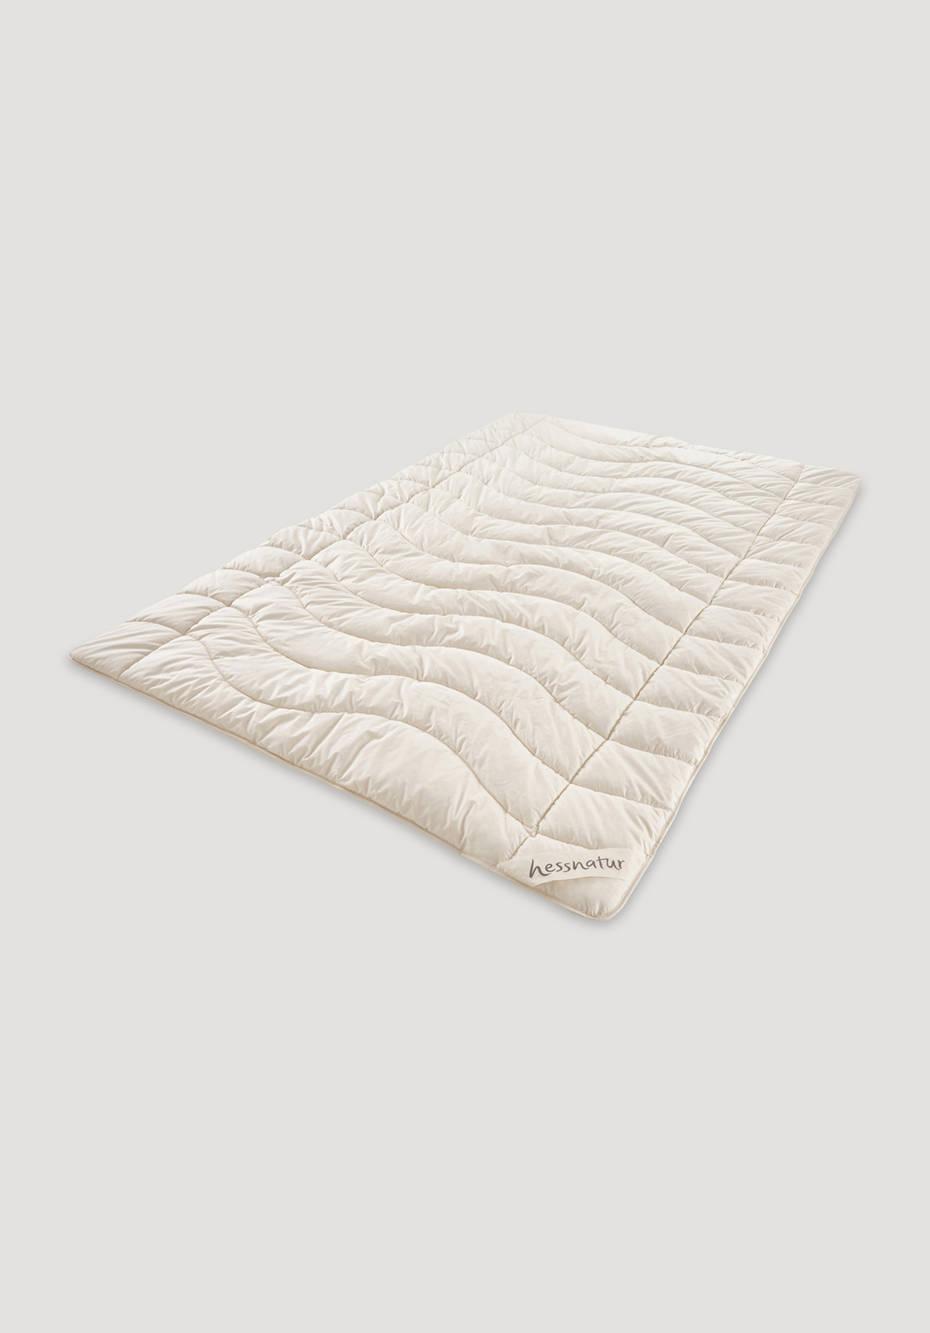 Ganzjahres-Decke Kapok mit Bio-Baumwolle